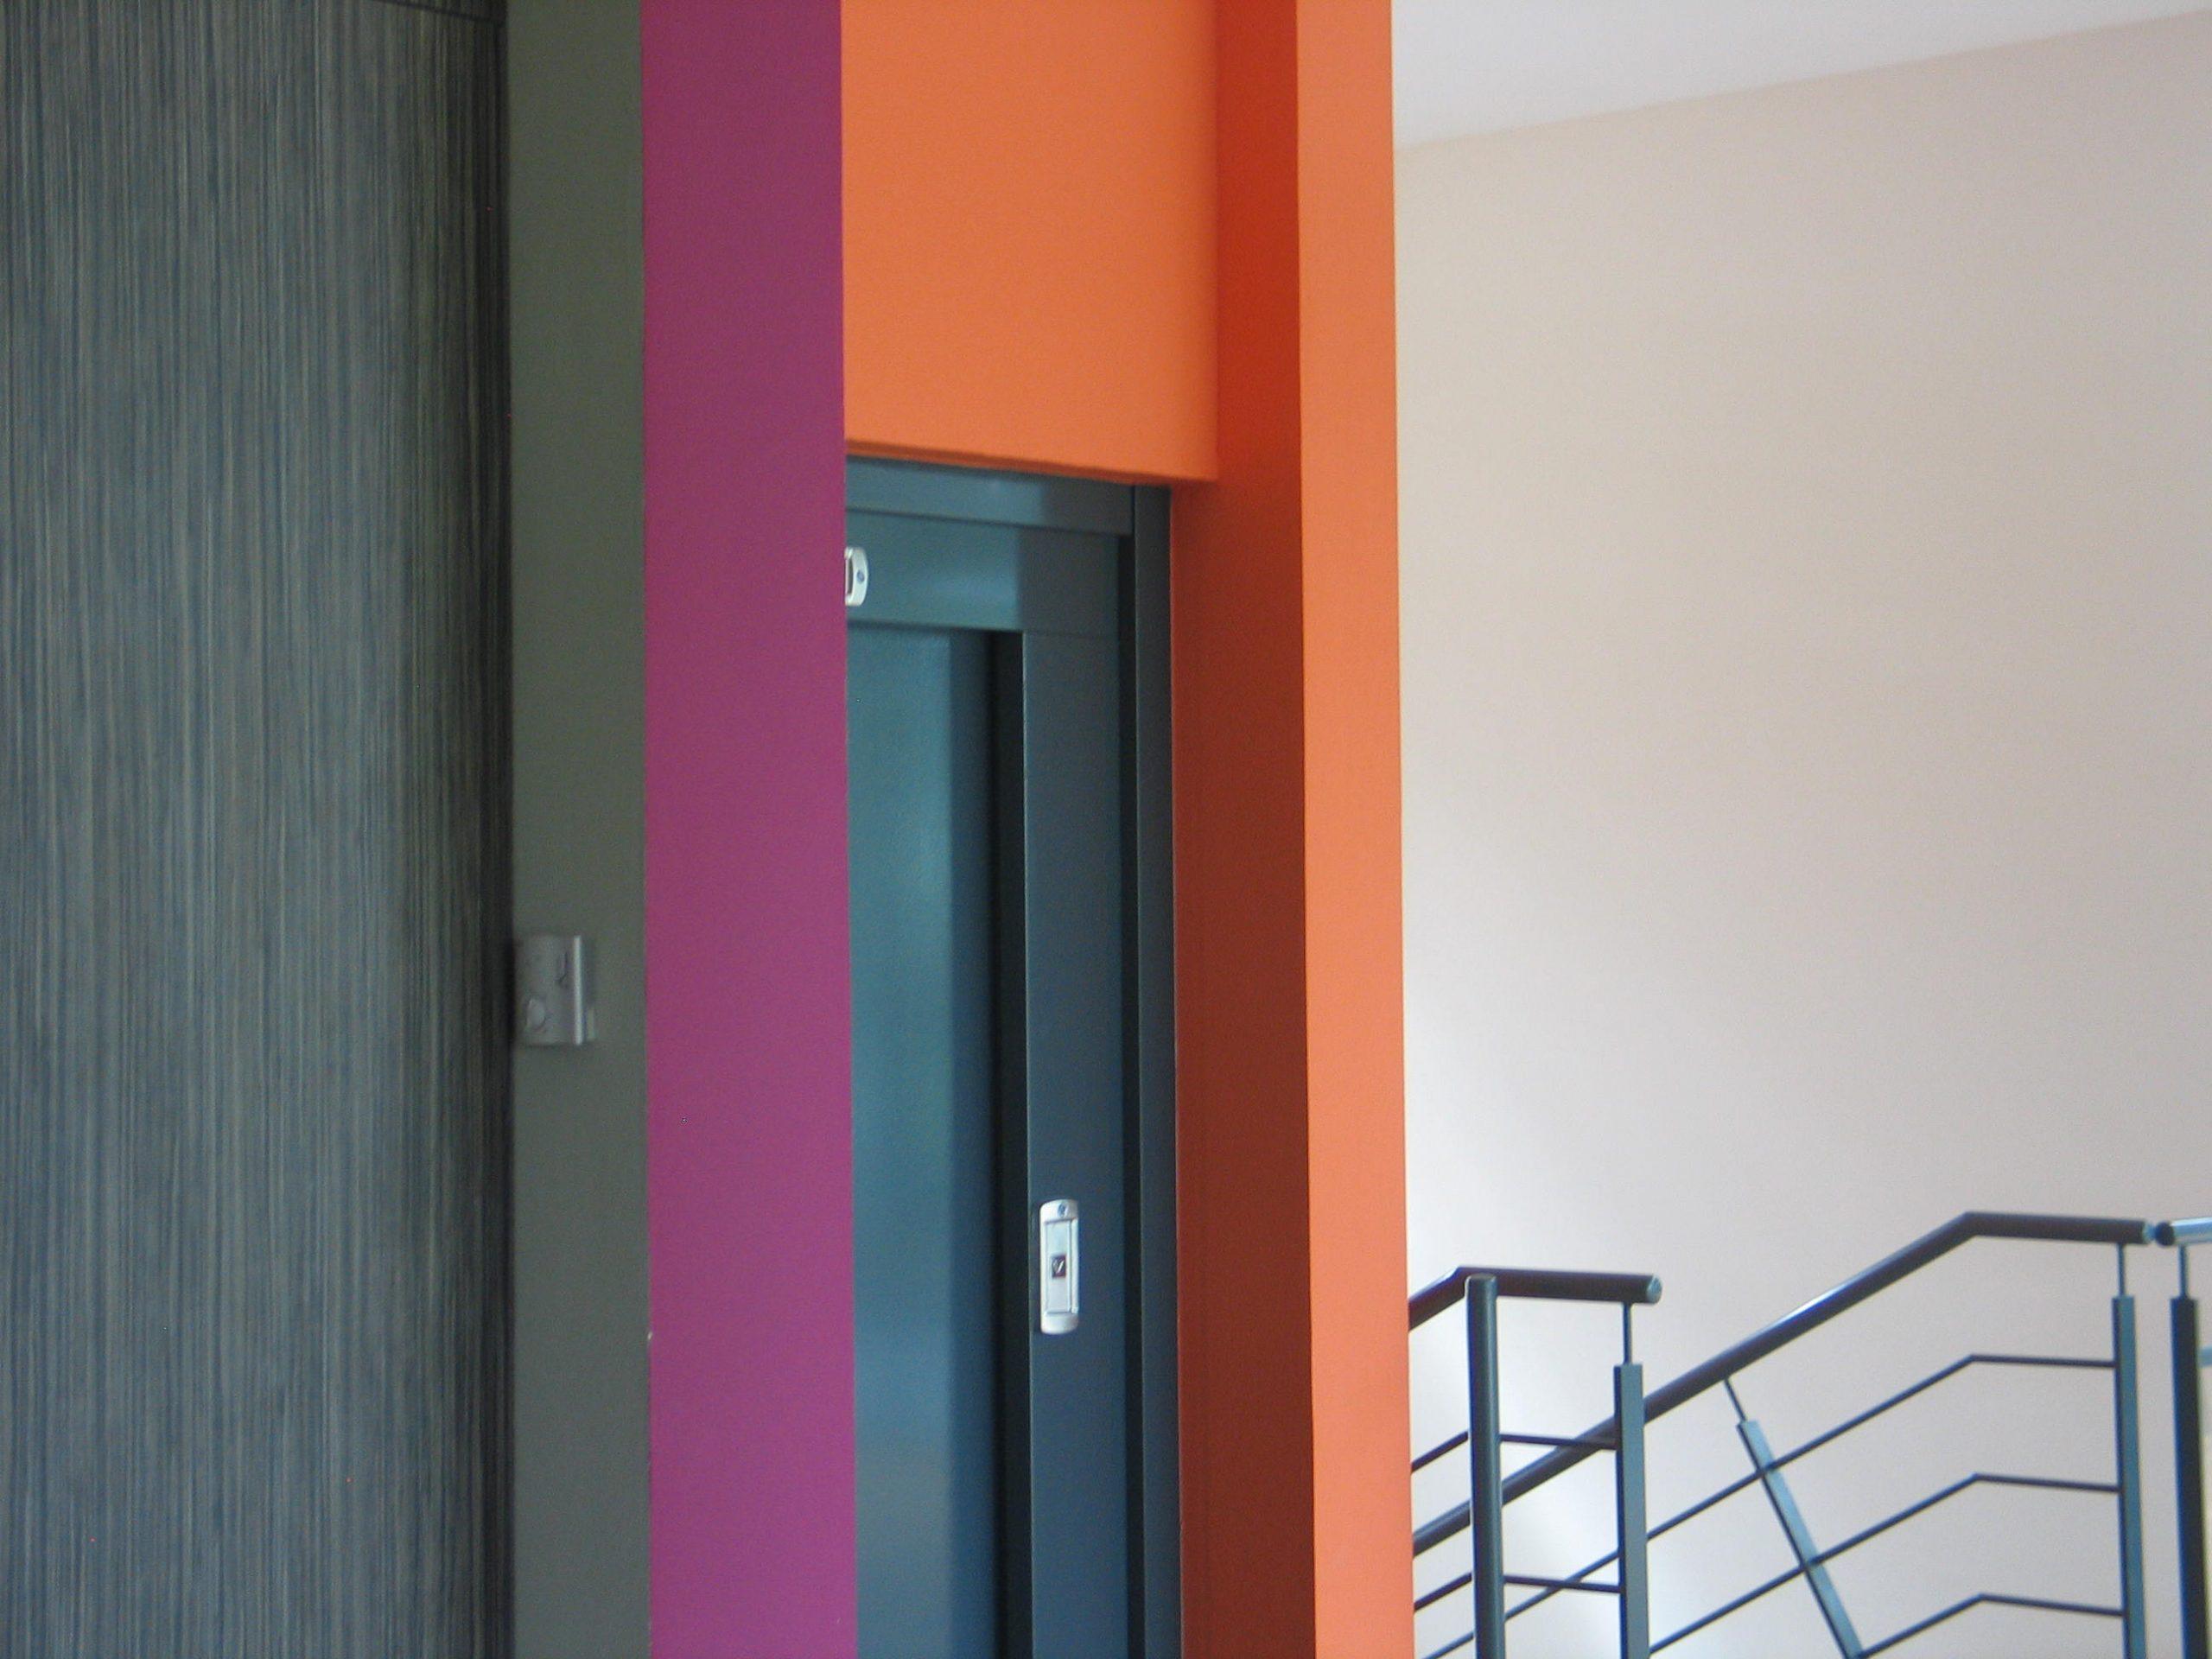 Collège Bégles-coloration intérieure-arch François Guibert